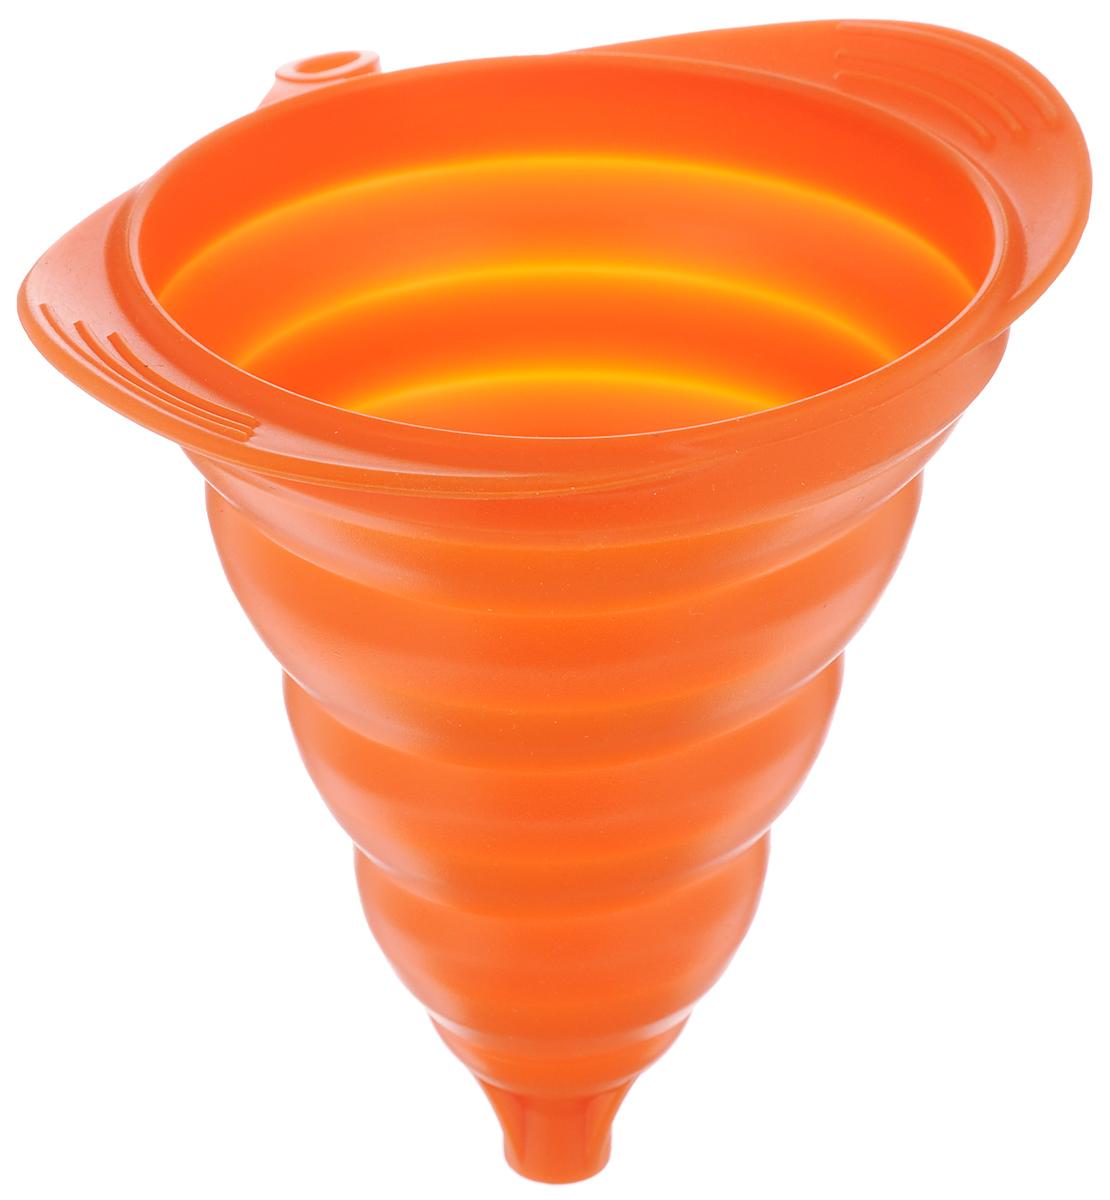 Воронка Mayer & Boch, силиконовая, складная, цвет: оранжевый, 16 х 13 см54 009312Воронка Mayer & Boch изготовлена извысококачественного экологически чистогопищевого силикона. Предназначена дляпереливания как холодных, так и горячихжидкостей, а также для пересыпания сыпучихпродуктов - соли, сухих приправ и т.д. Благодаряуникальной складывающейся конструкции подходитпод емкости с различным диаметром горлышка изанимает мало места при хранении.Силикон выдерживает температуру от -40°С до210°С. Можно мыть в посудомоечной машине.Размер воронки: 16 х 13 см.Высота в сложенном виде: 2 см.